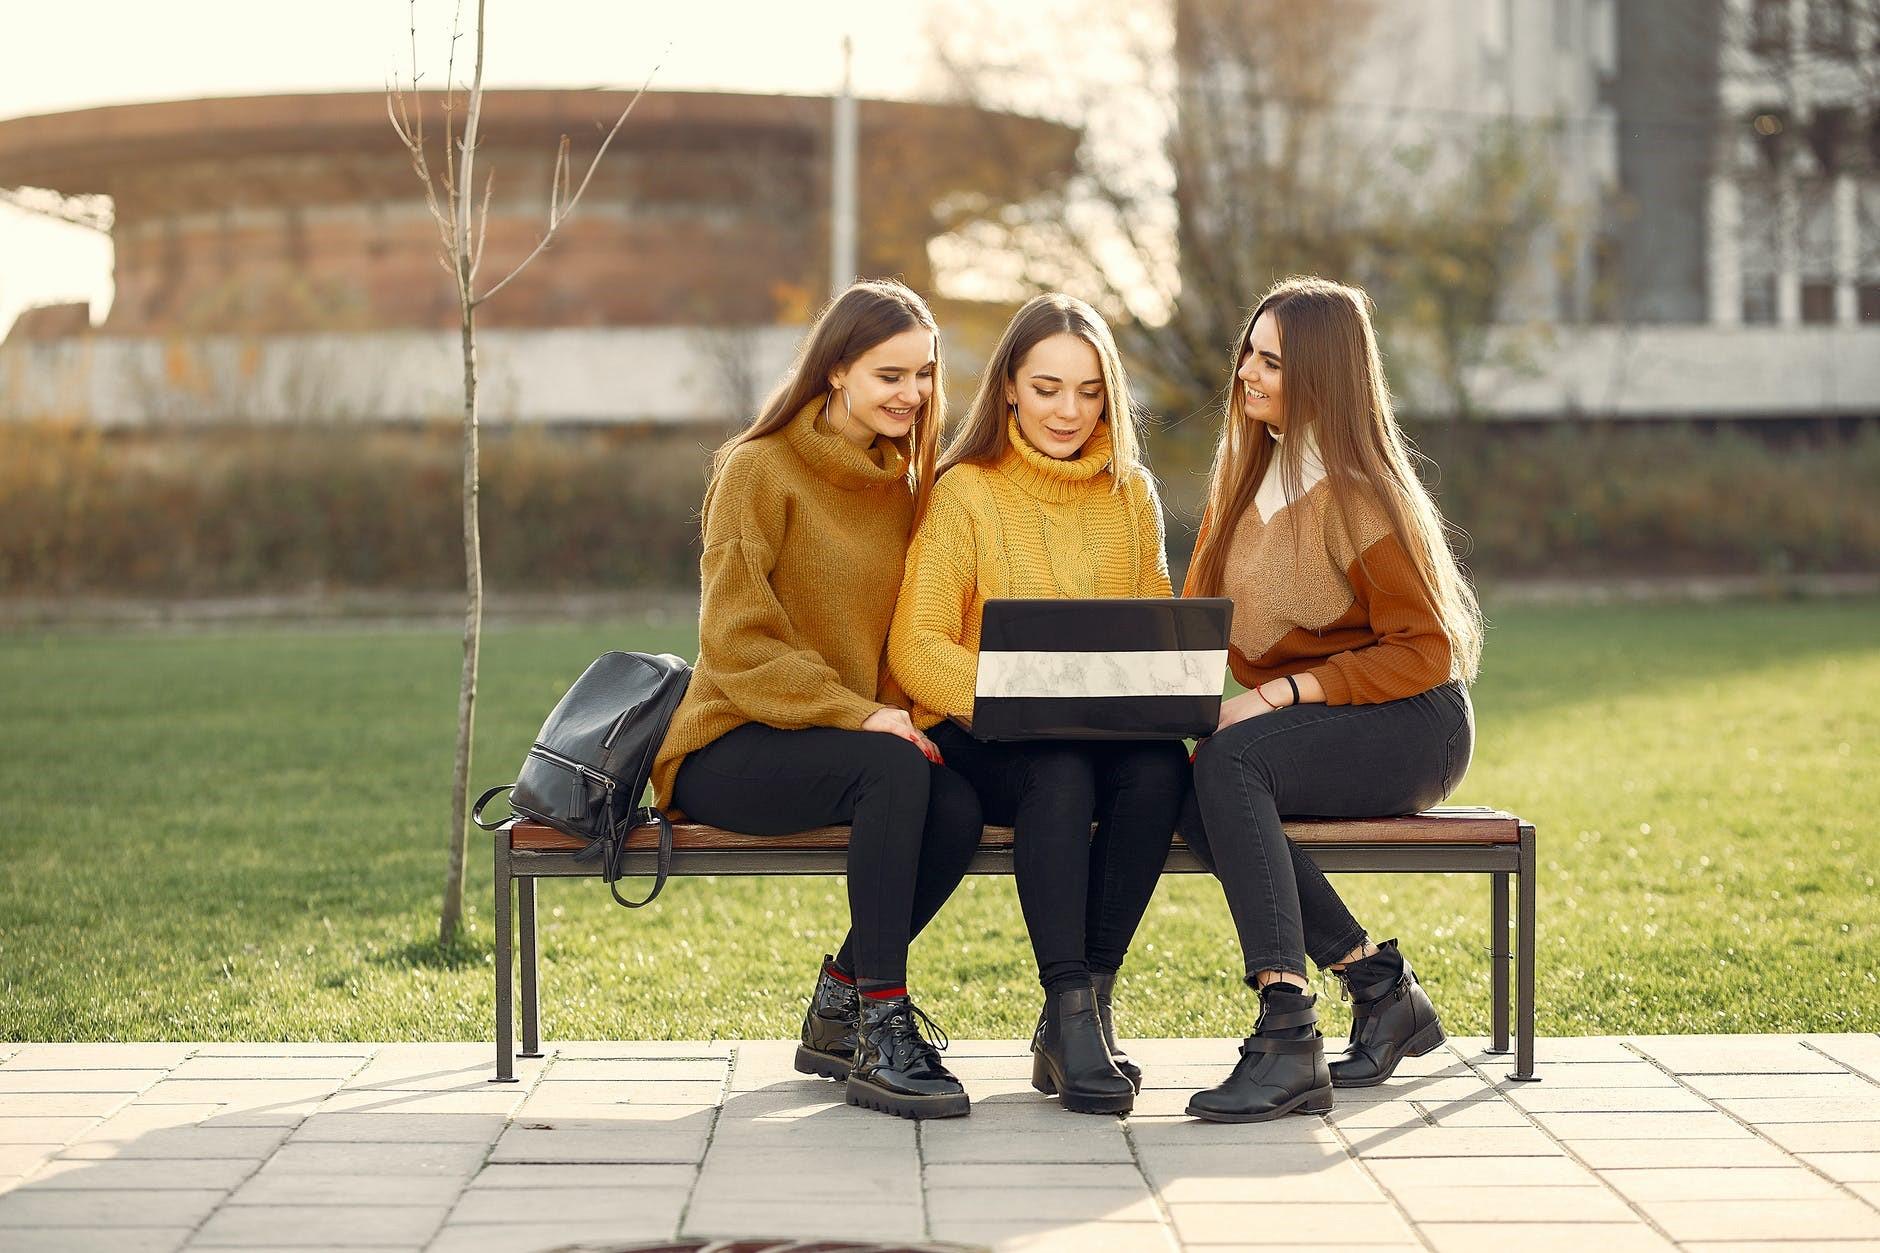 Besplatne studije u Sloveniji – koju vrstu studija odabrati?